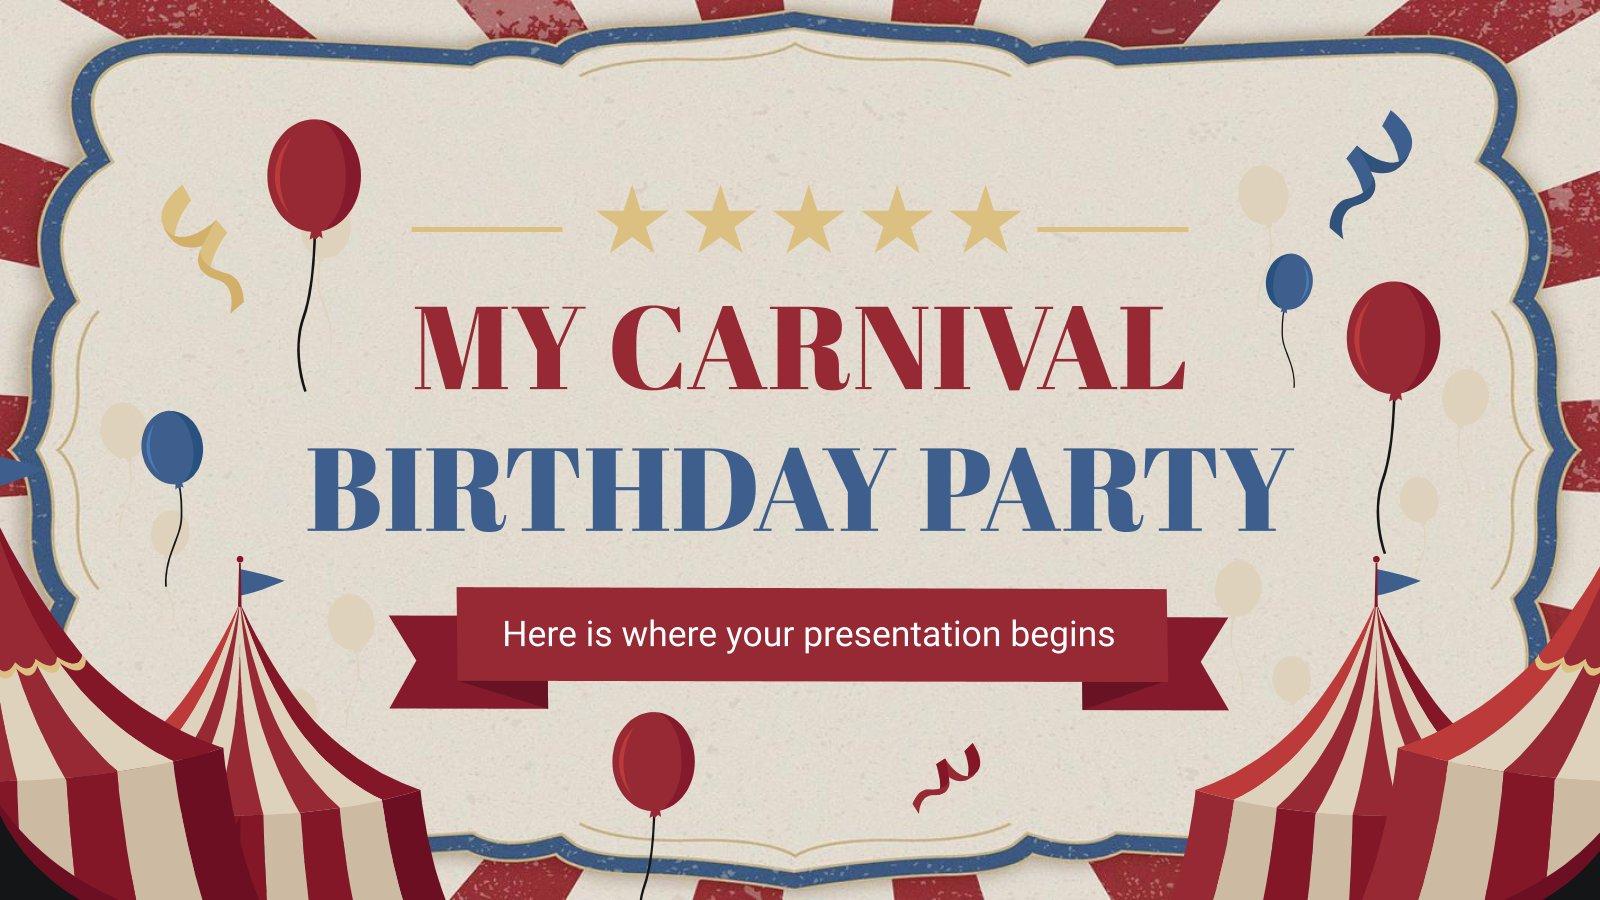 Modelo de apresentação Minha festa de aniversário - Carnaval